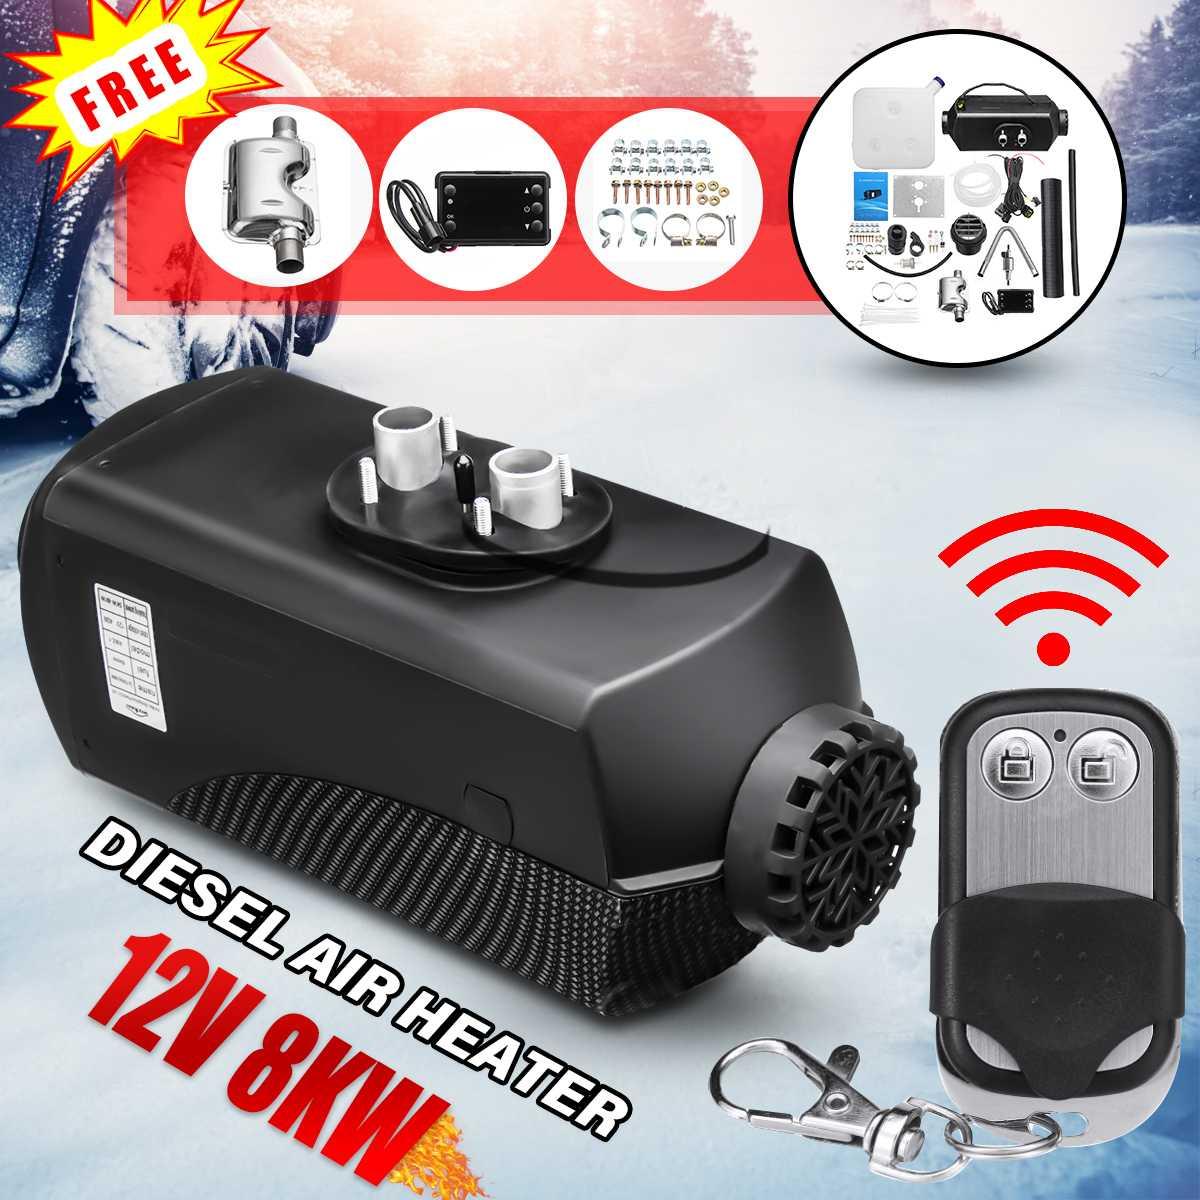 12 v 8000 w 8kw diesels combustível aquecedor de ar com controle remoto lcd monitor termostato para caminhão barco carro auto reboque dentro do aquecimento do ar